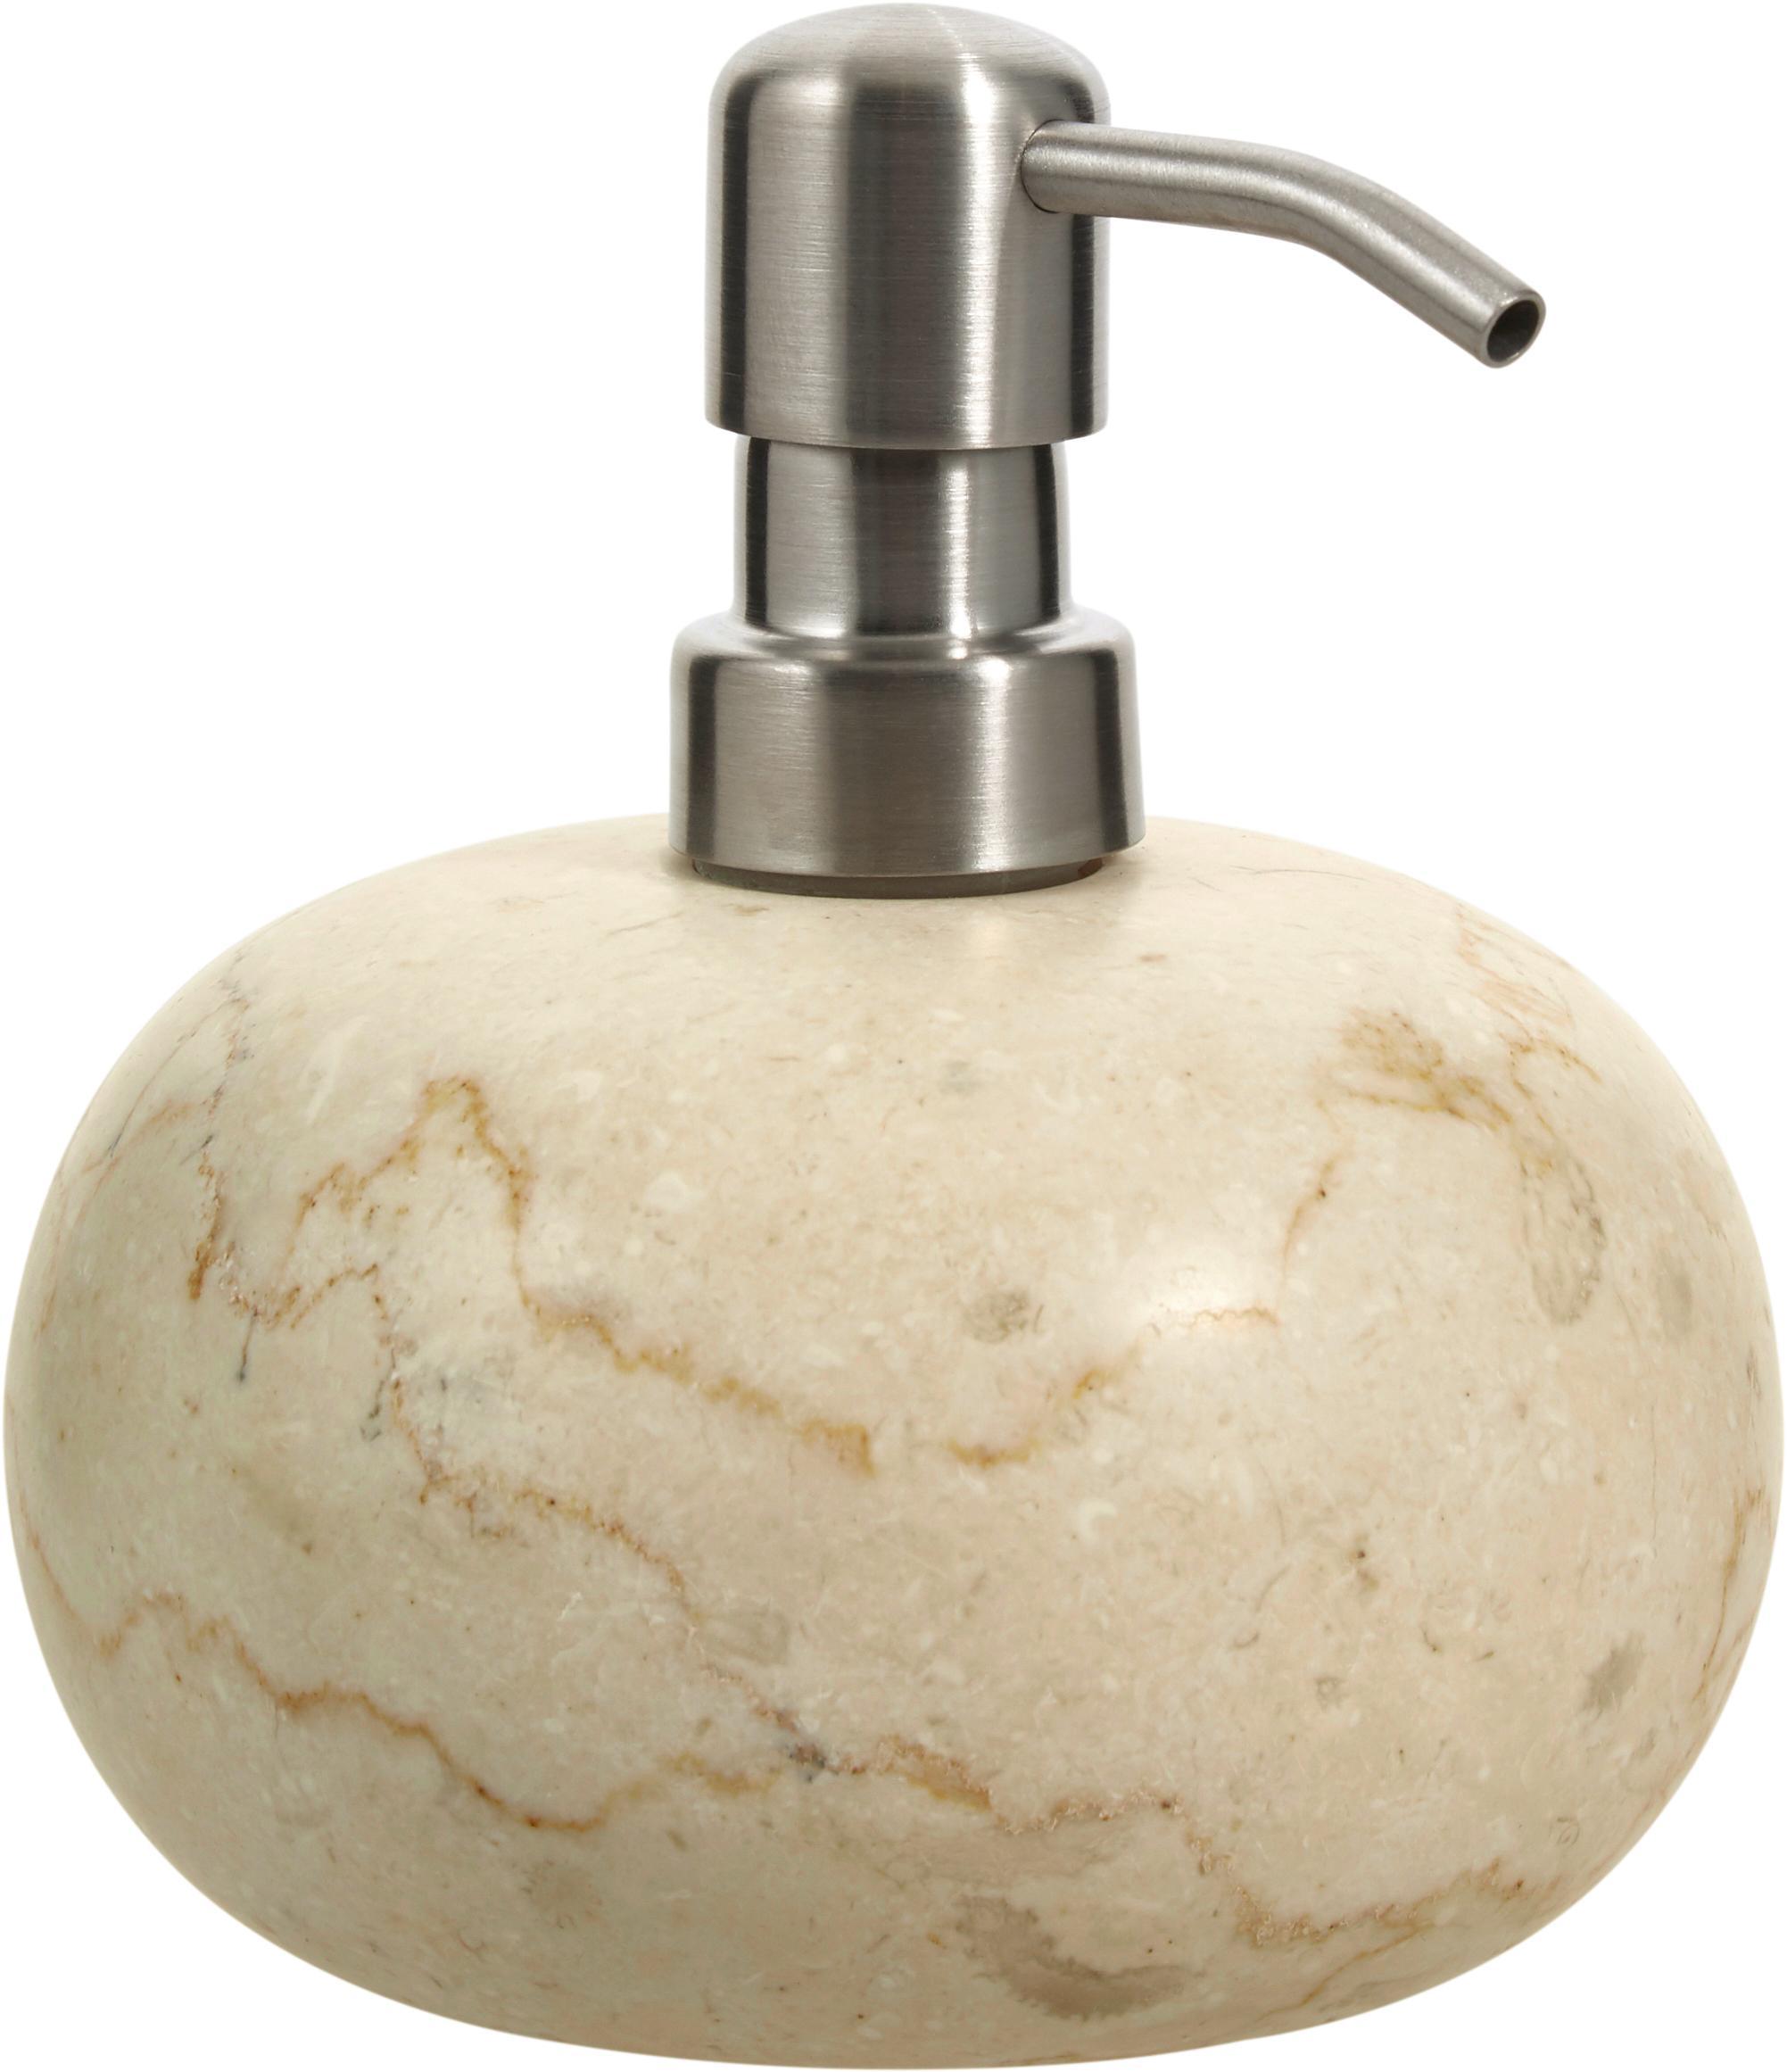 Dozownik do mydła z marmuru Luxor, Beżowy, stal, Ø 12 x W 13 cm